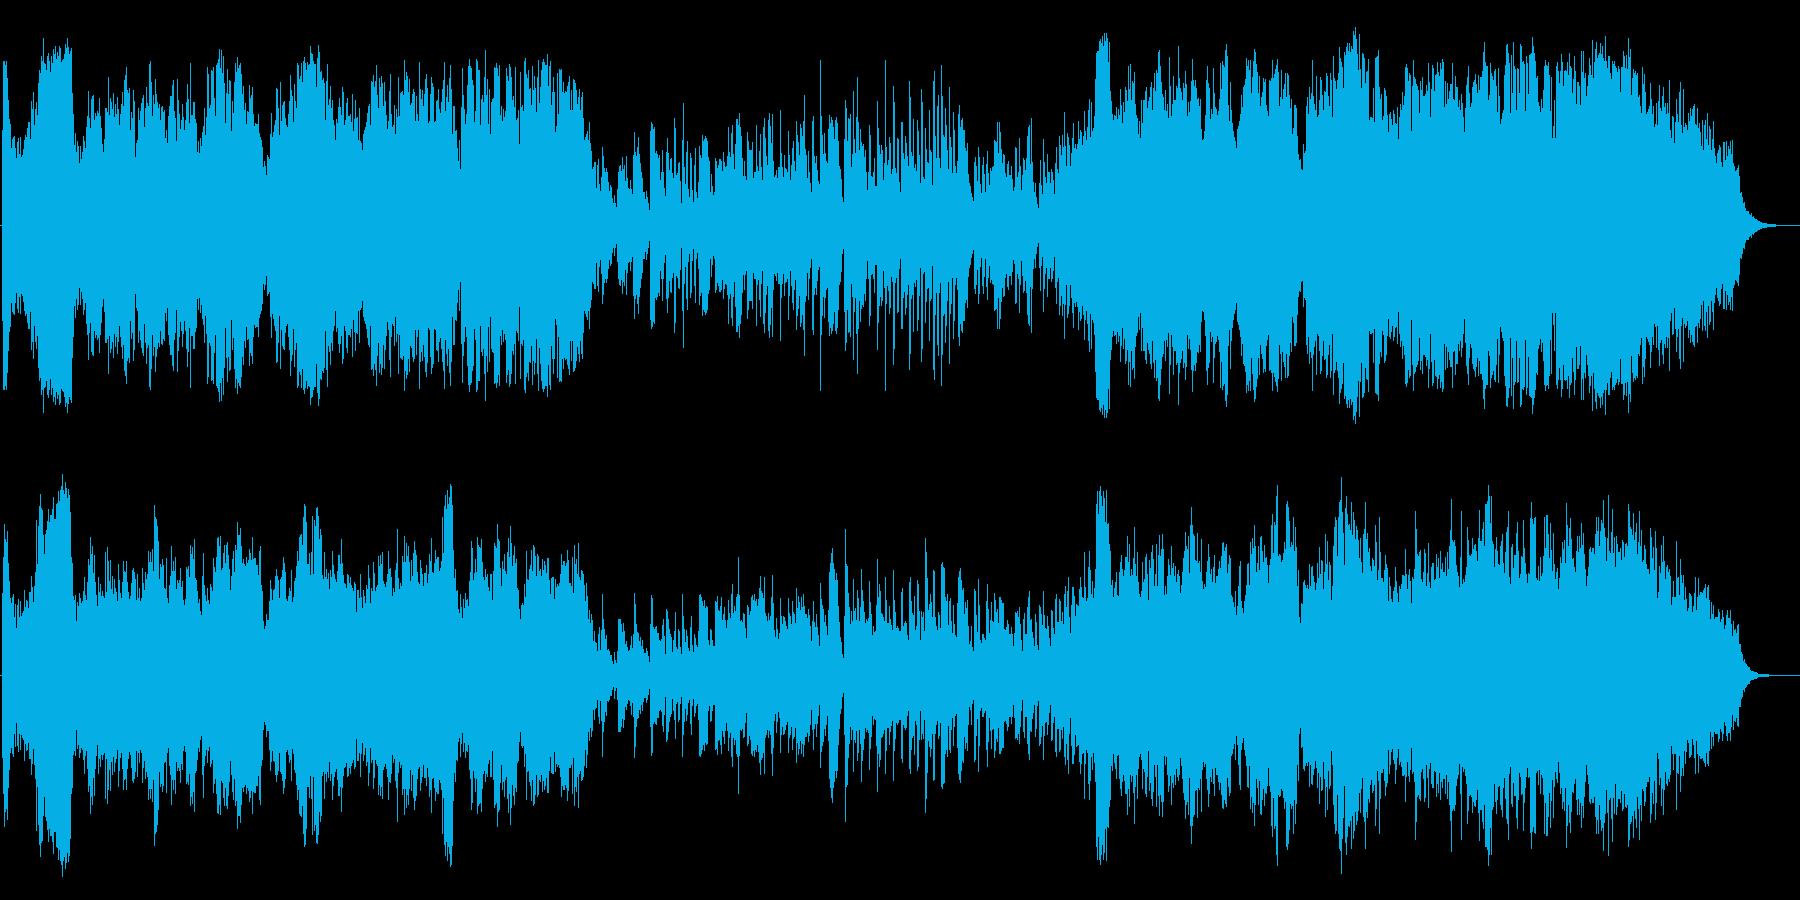 生-ハリウッドオープニング風 華やかな曲の再生済みの波形